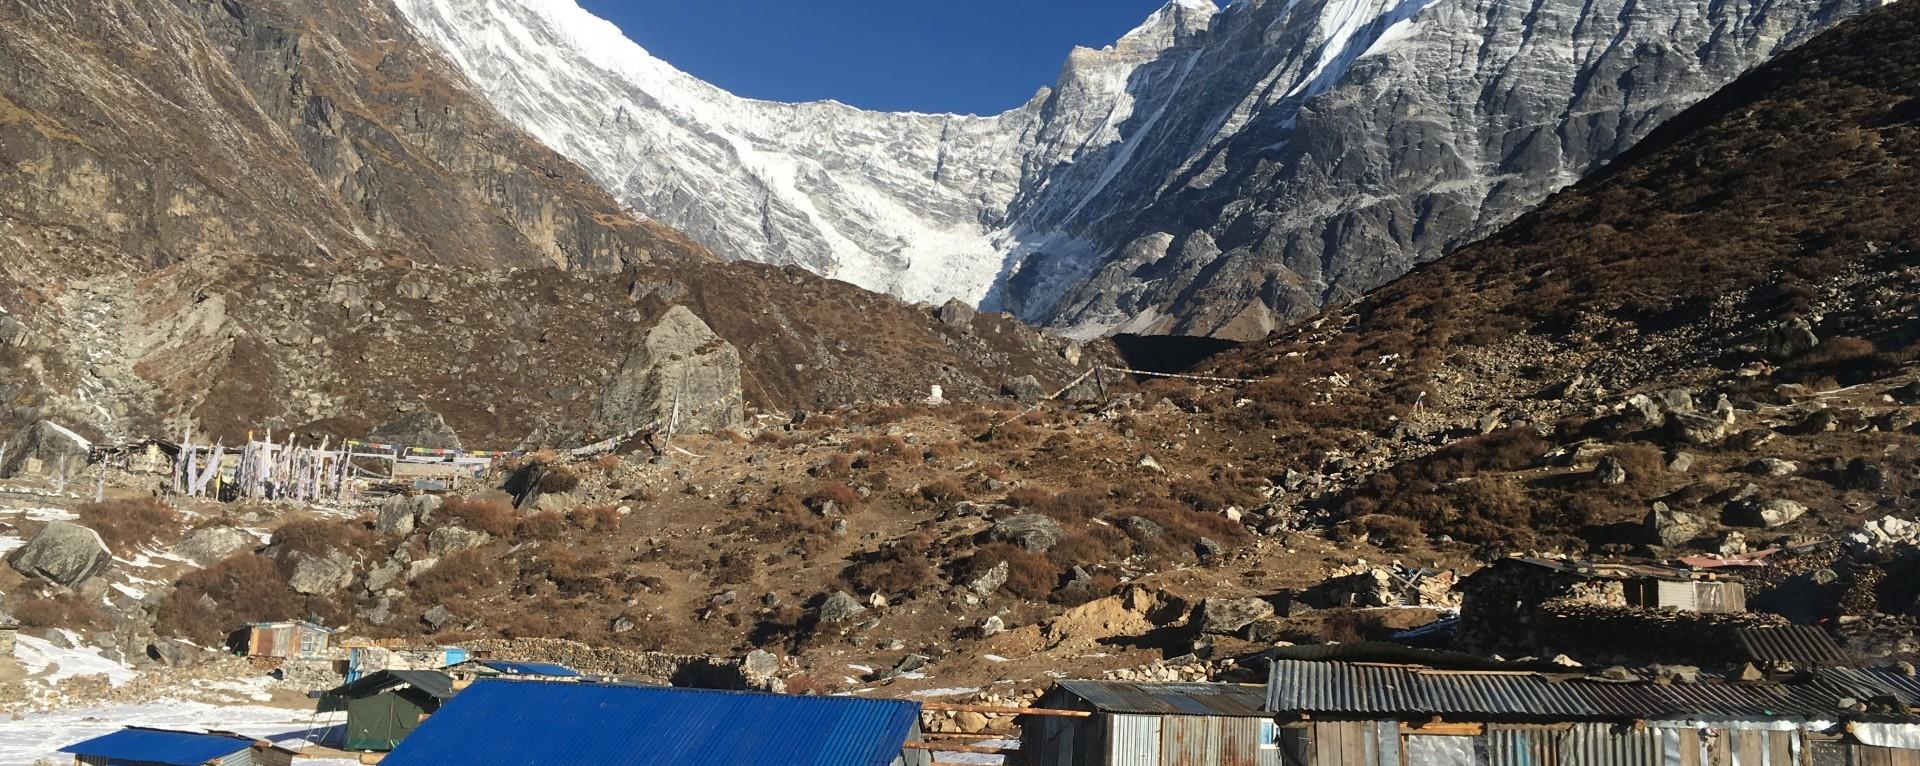 Langtang valley and Yala peak climbing trip